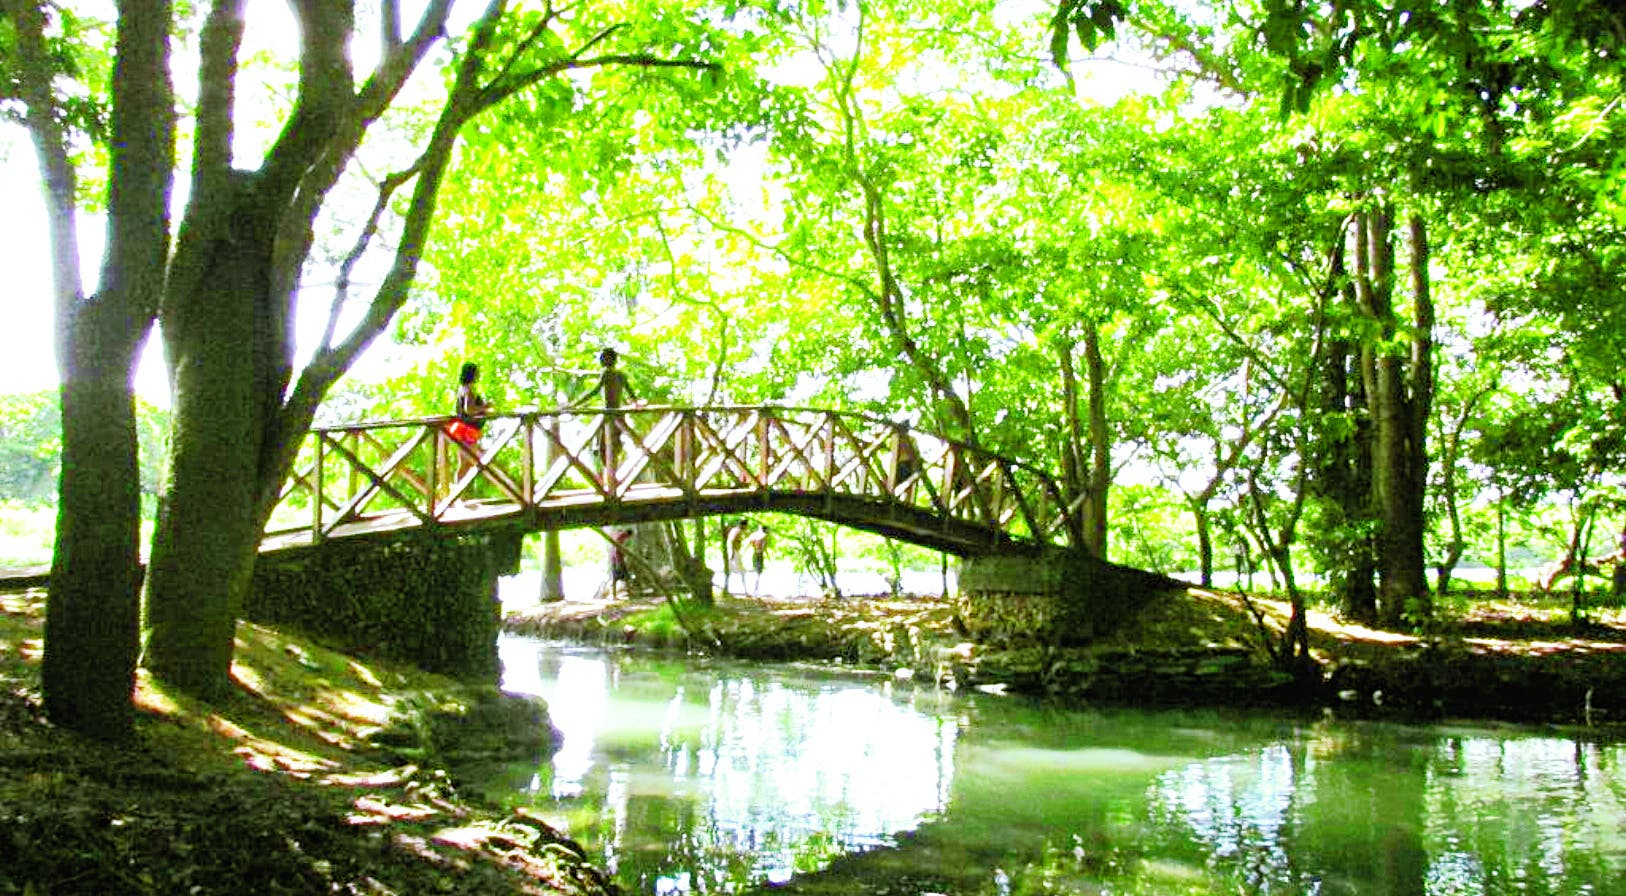 El entorno natural cuenta con senderos que  ya son escenarios para fotografías y eventos recreativos.  Elieser Tapia